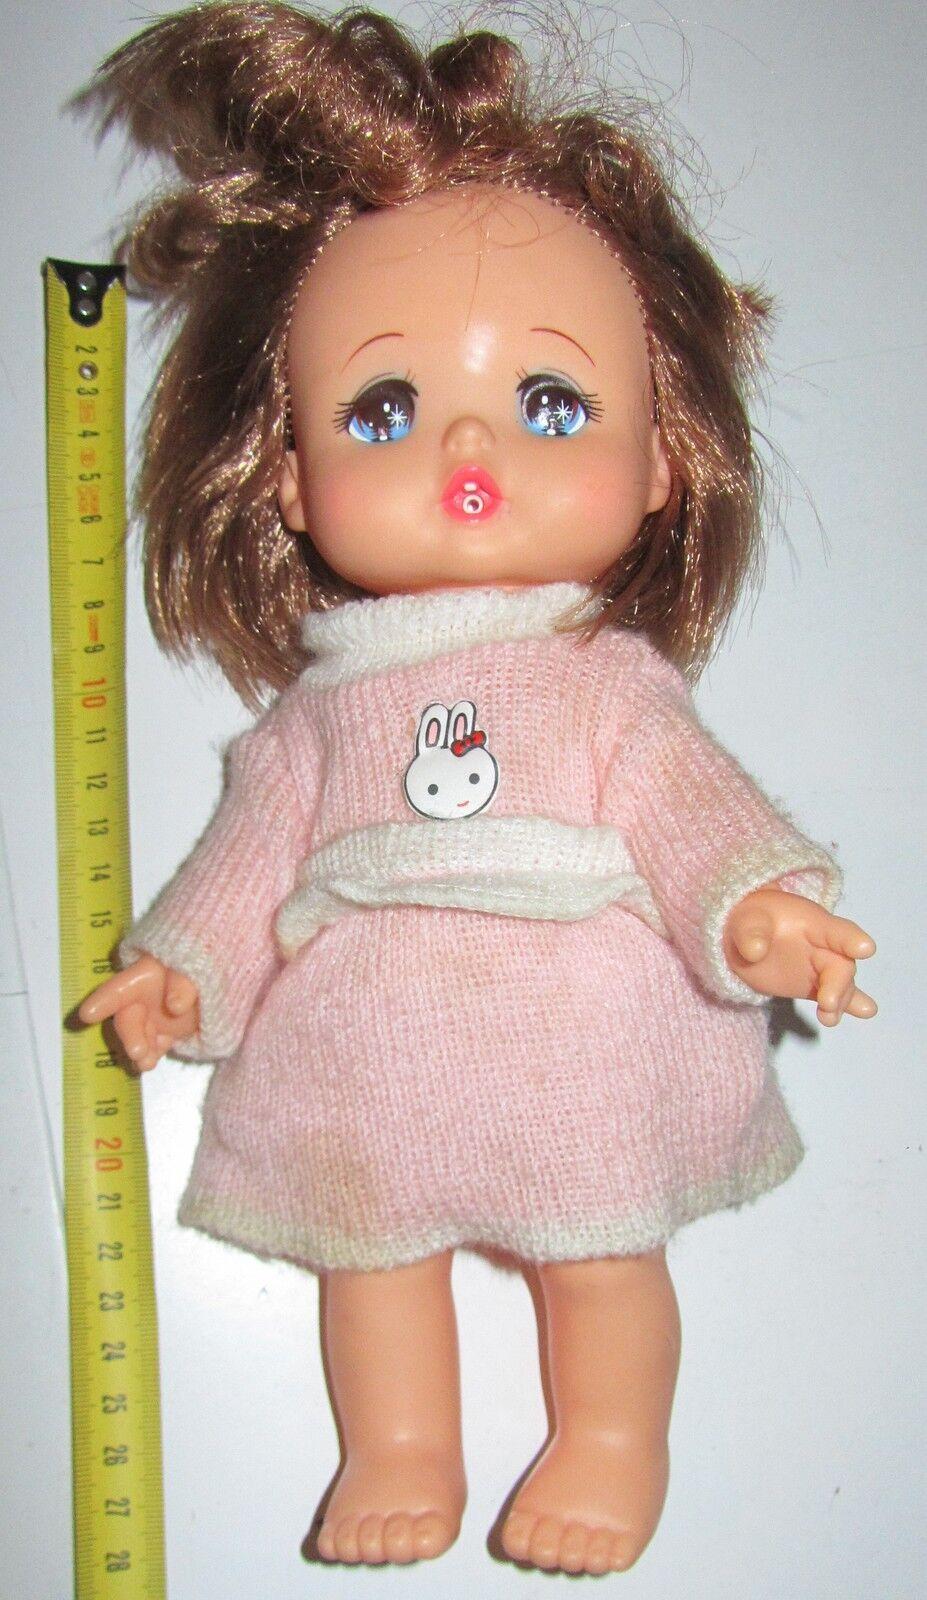 Bambola Doll Takara 1986 SPESE GRATIS